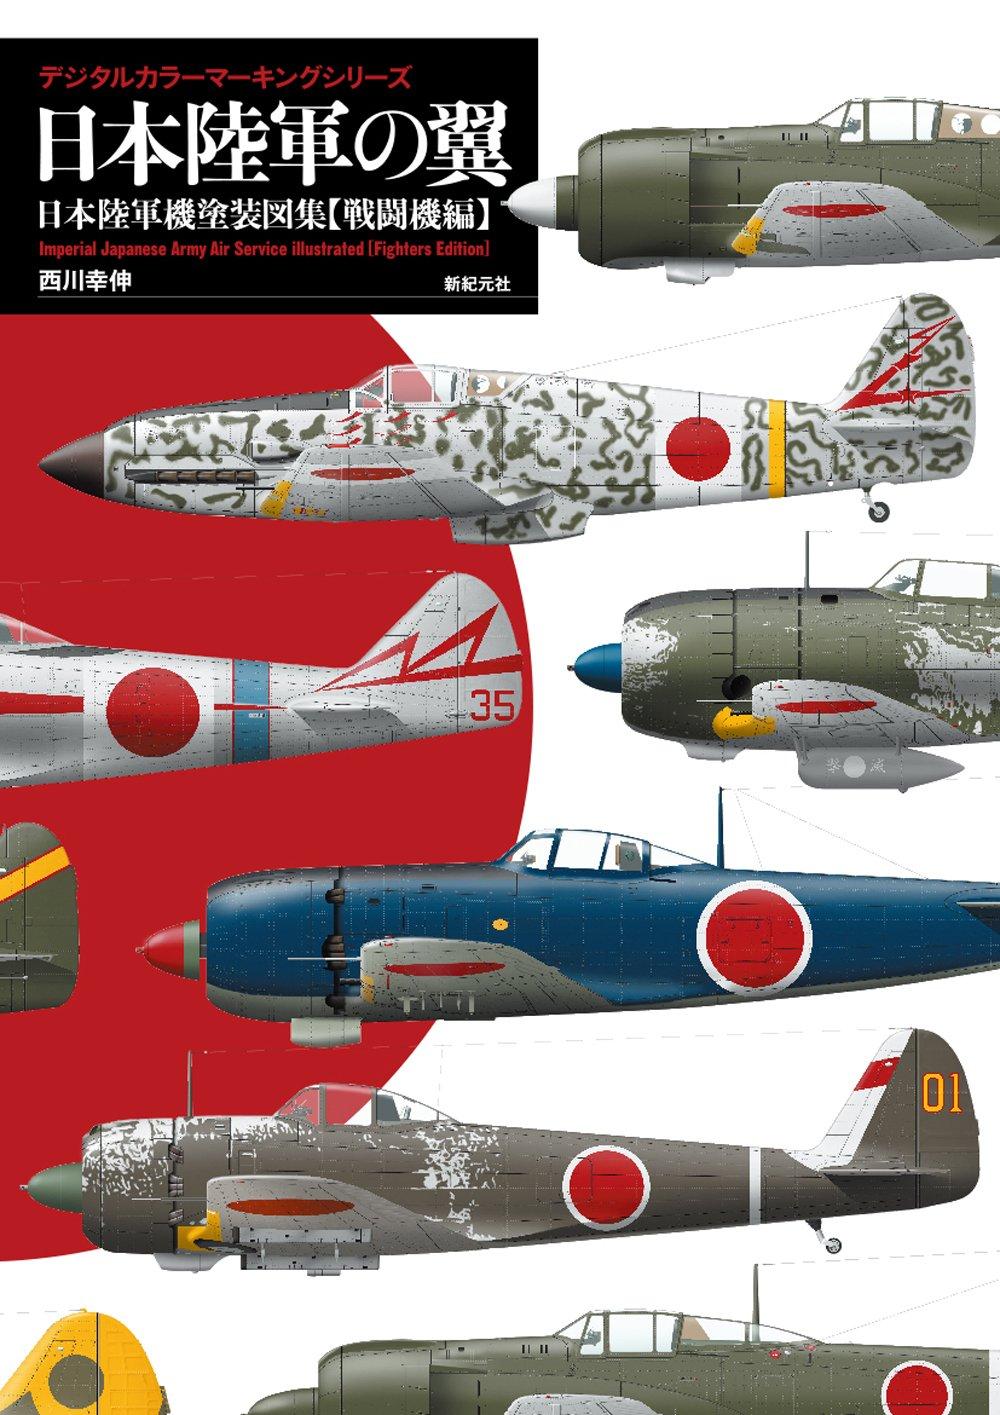 Re: [閒聊] 最後一場全活塞引擎空戰